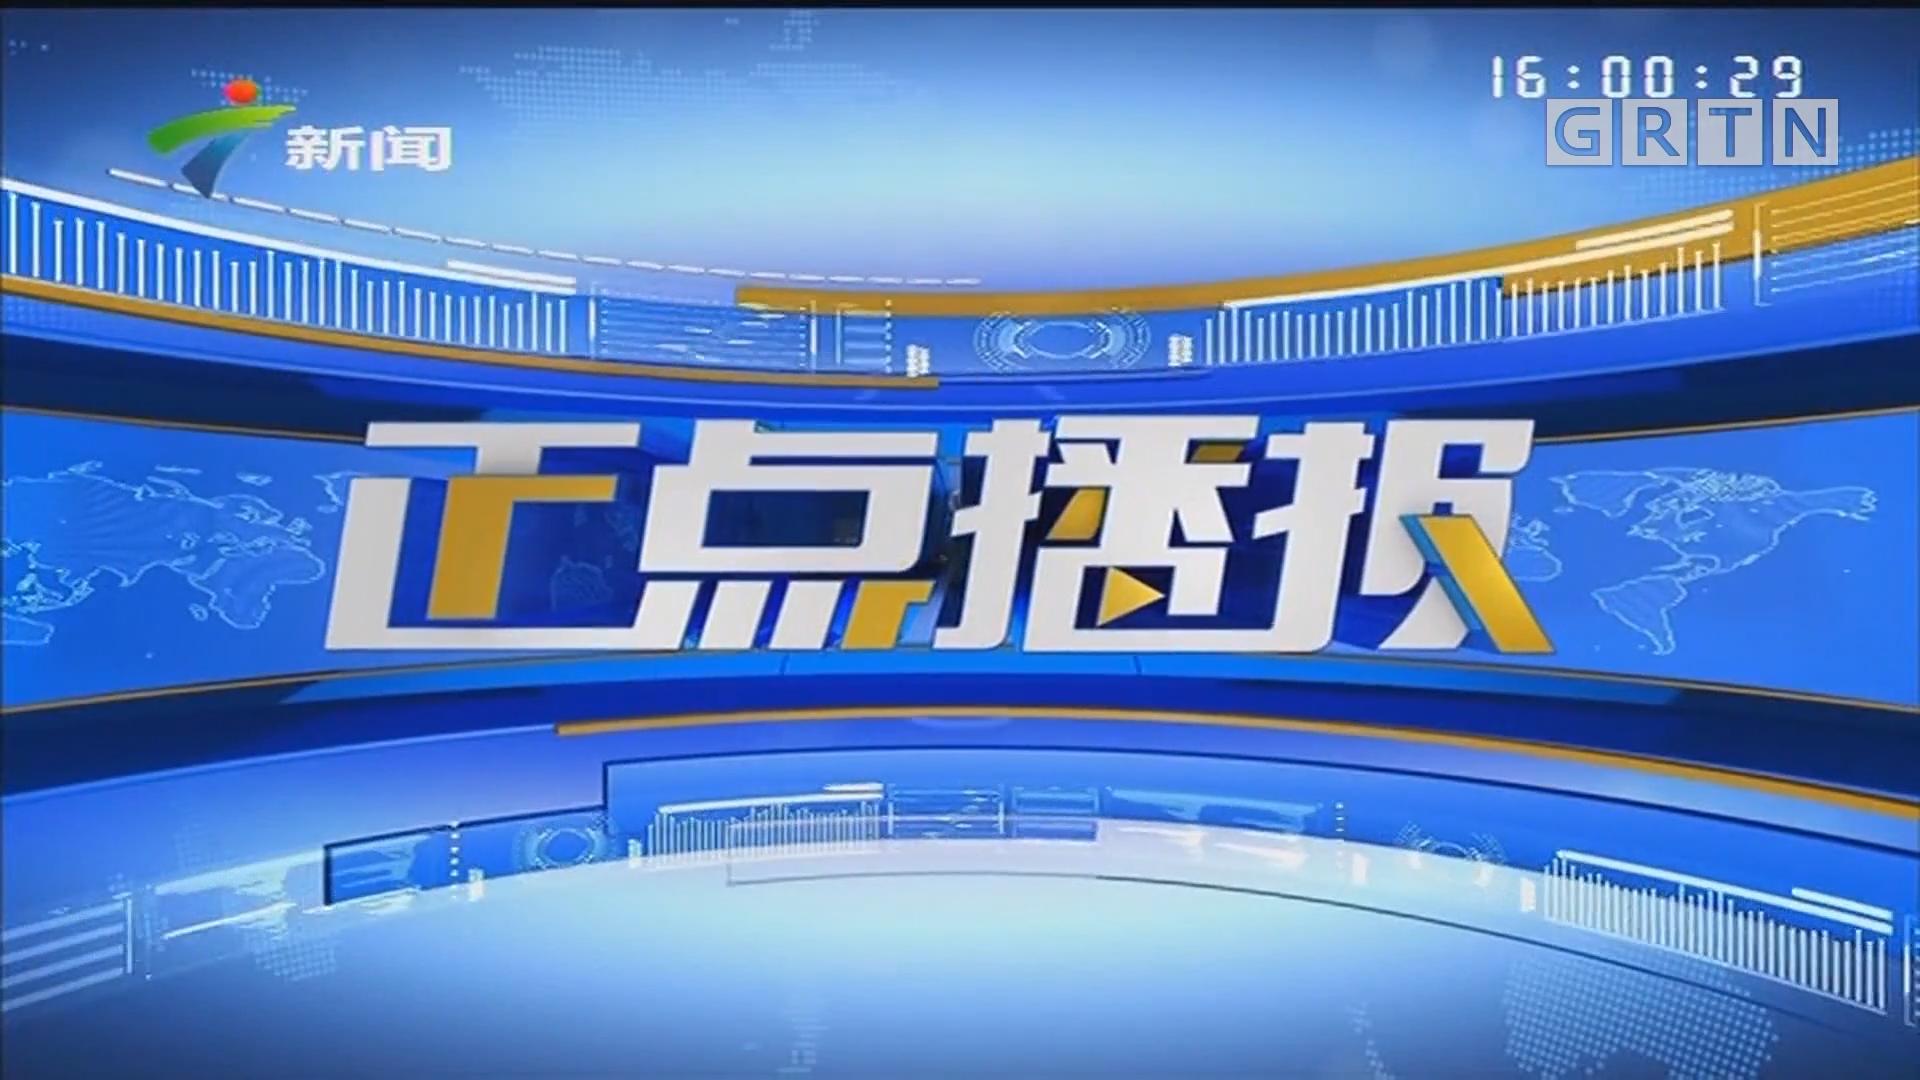 [HD][2019-10-01]正点播报:深圳各界收看庆祝大会盛况 反响热烈